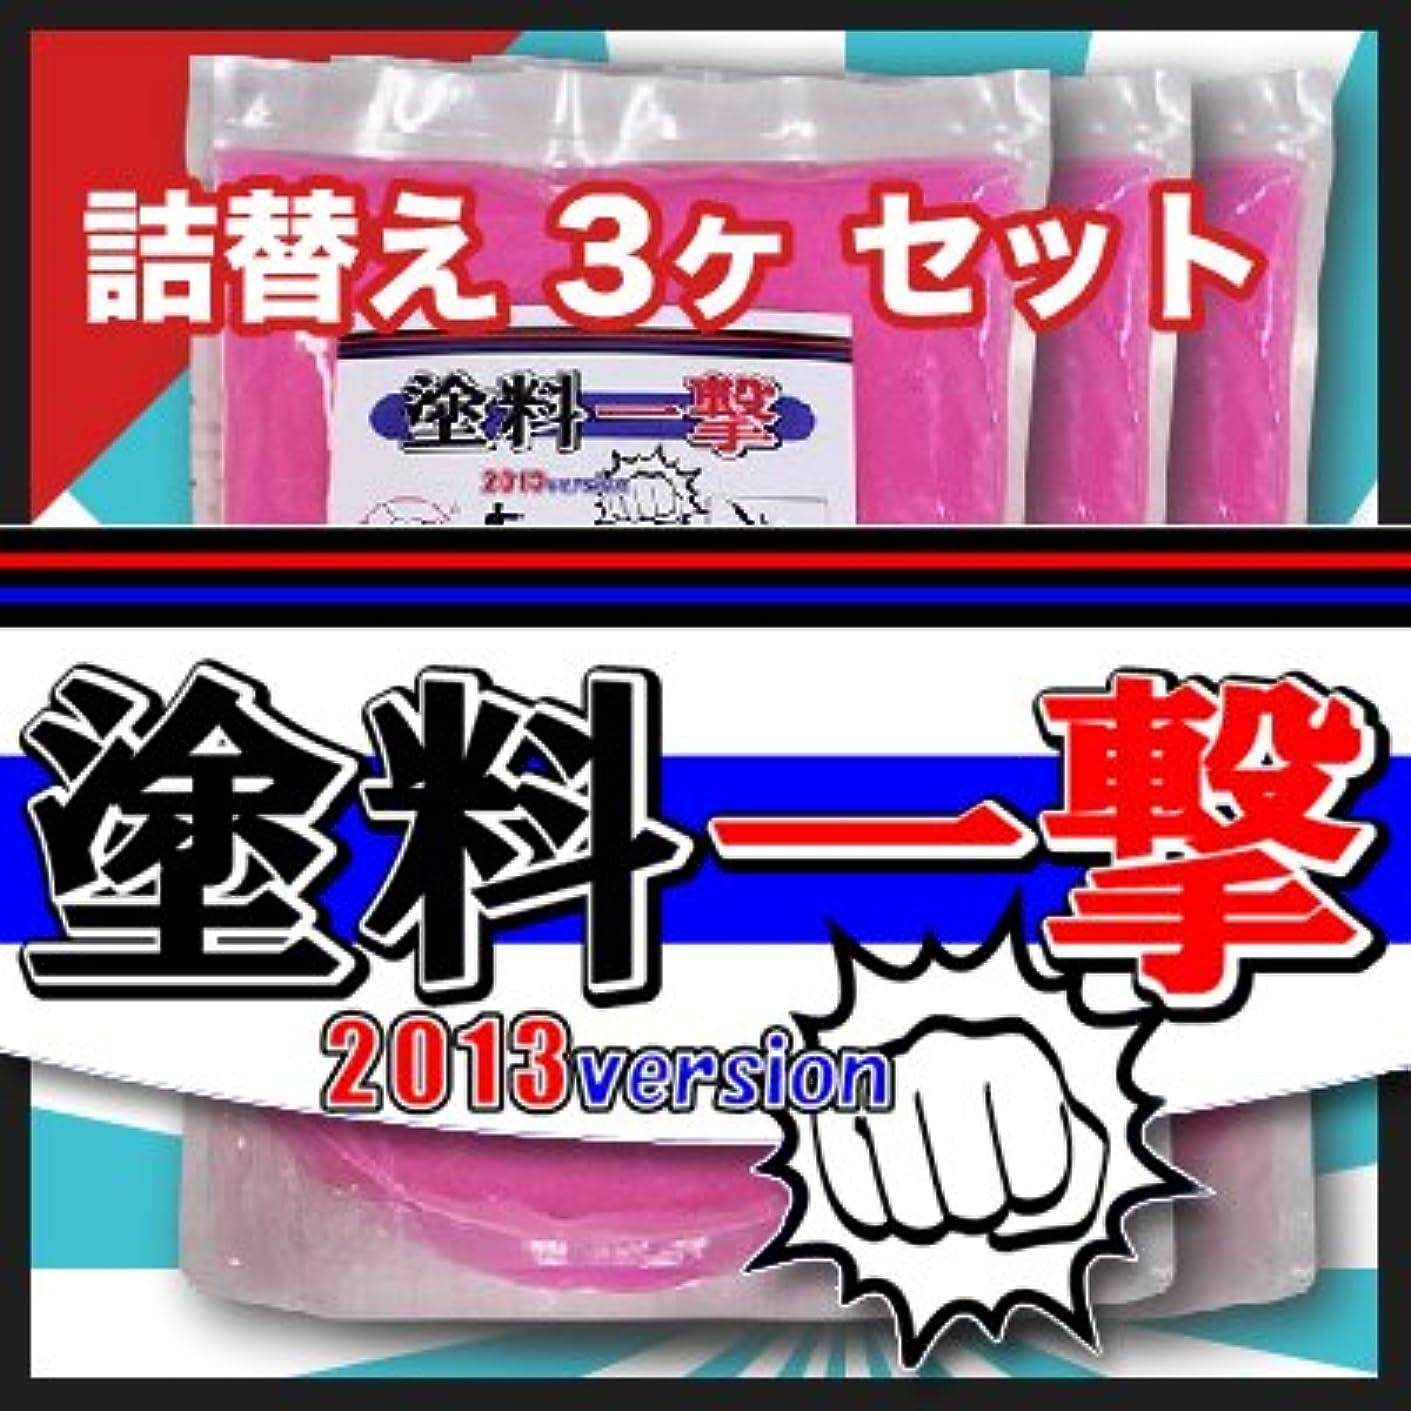 性交神経障害推定D.Iプランニング 塗料一撃 2013 Version 詰替え (1.2kg x 3ヶ)